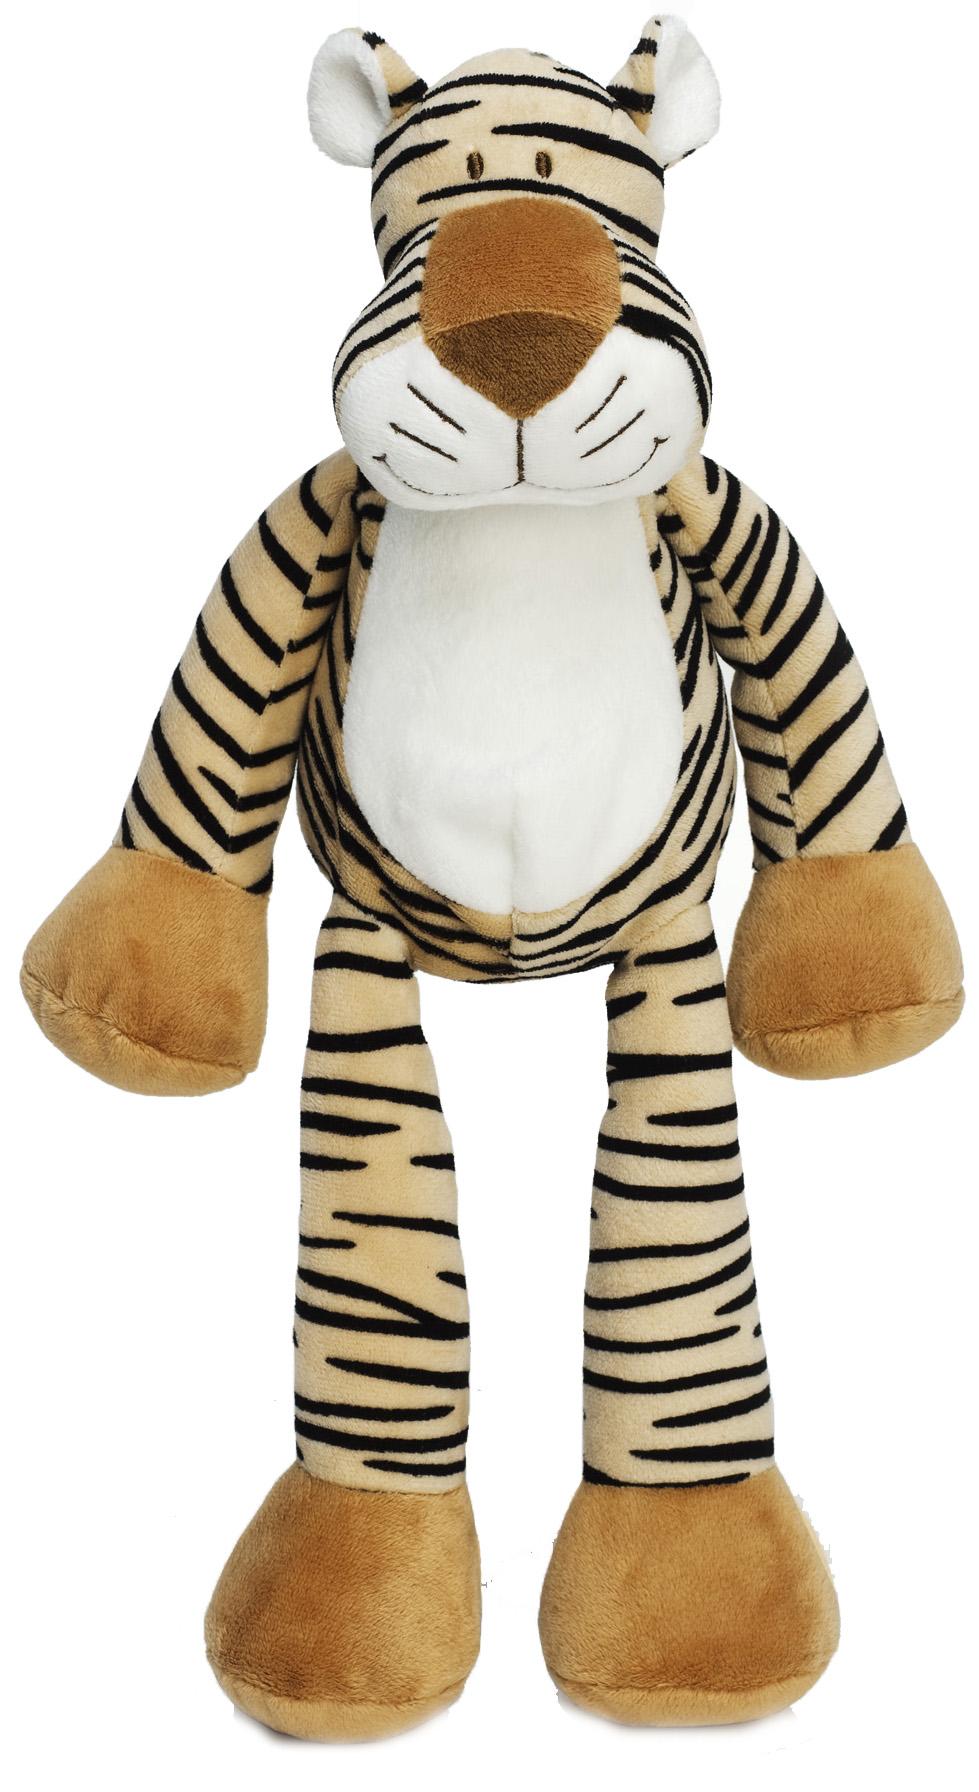 Diinglisar Gosedjur, Tiger, 34cm - Teddykompaniet